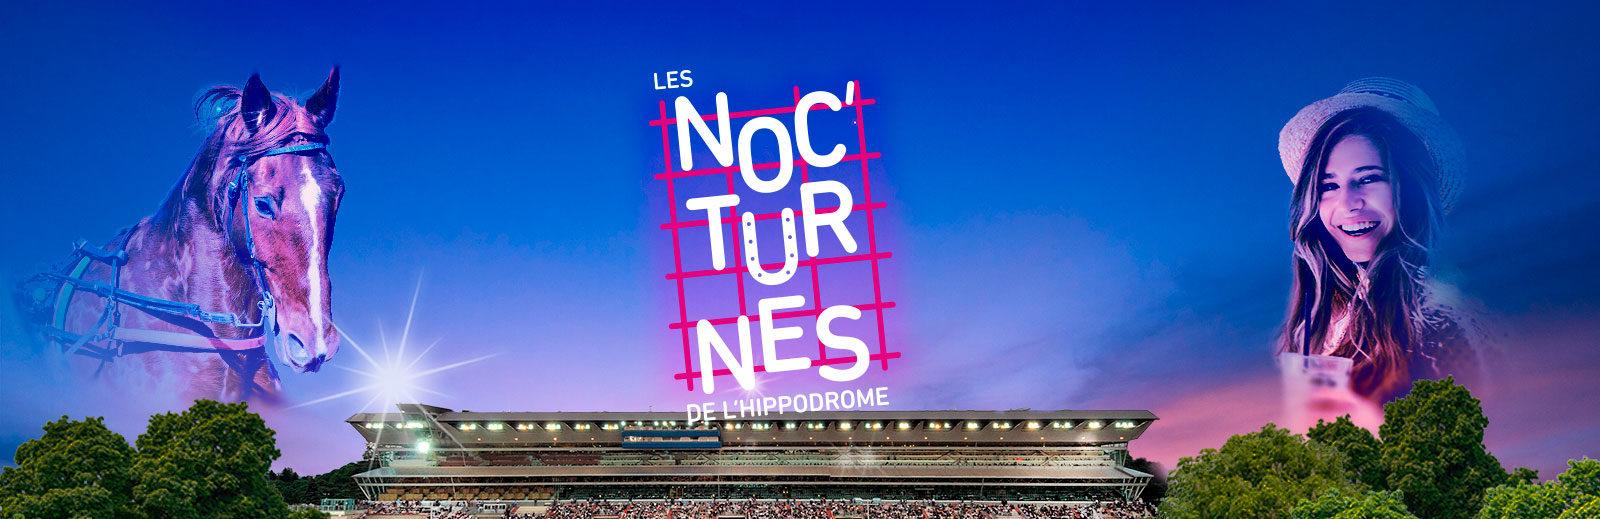 Lot de 2 invitations gratuites pour les Noc'turnes de Vincennes à l'Hippodrome de Paris - Paris 12ème (75)